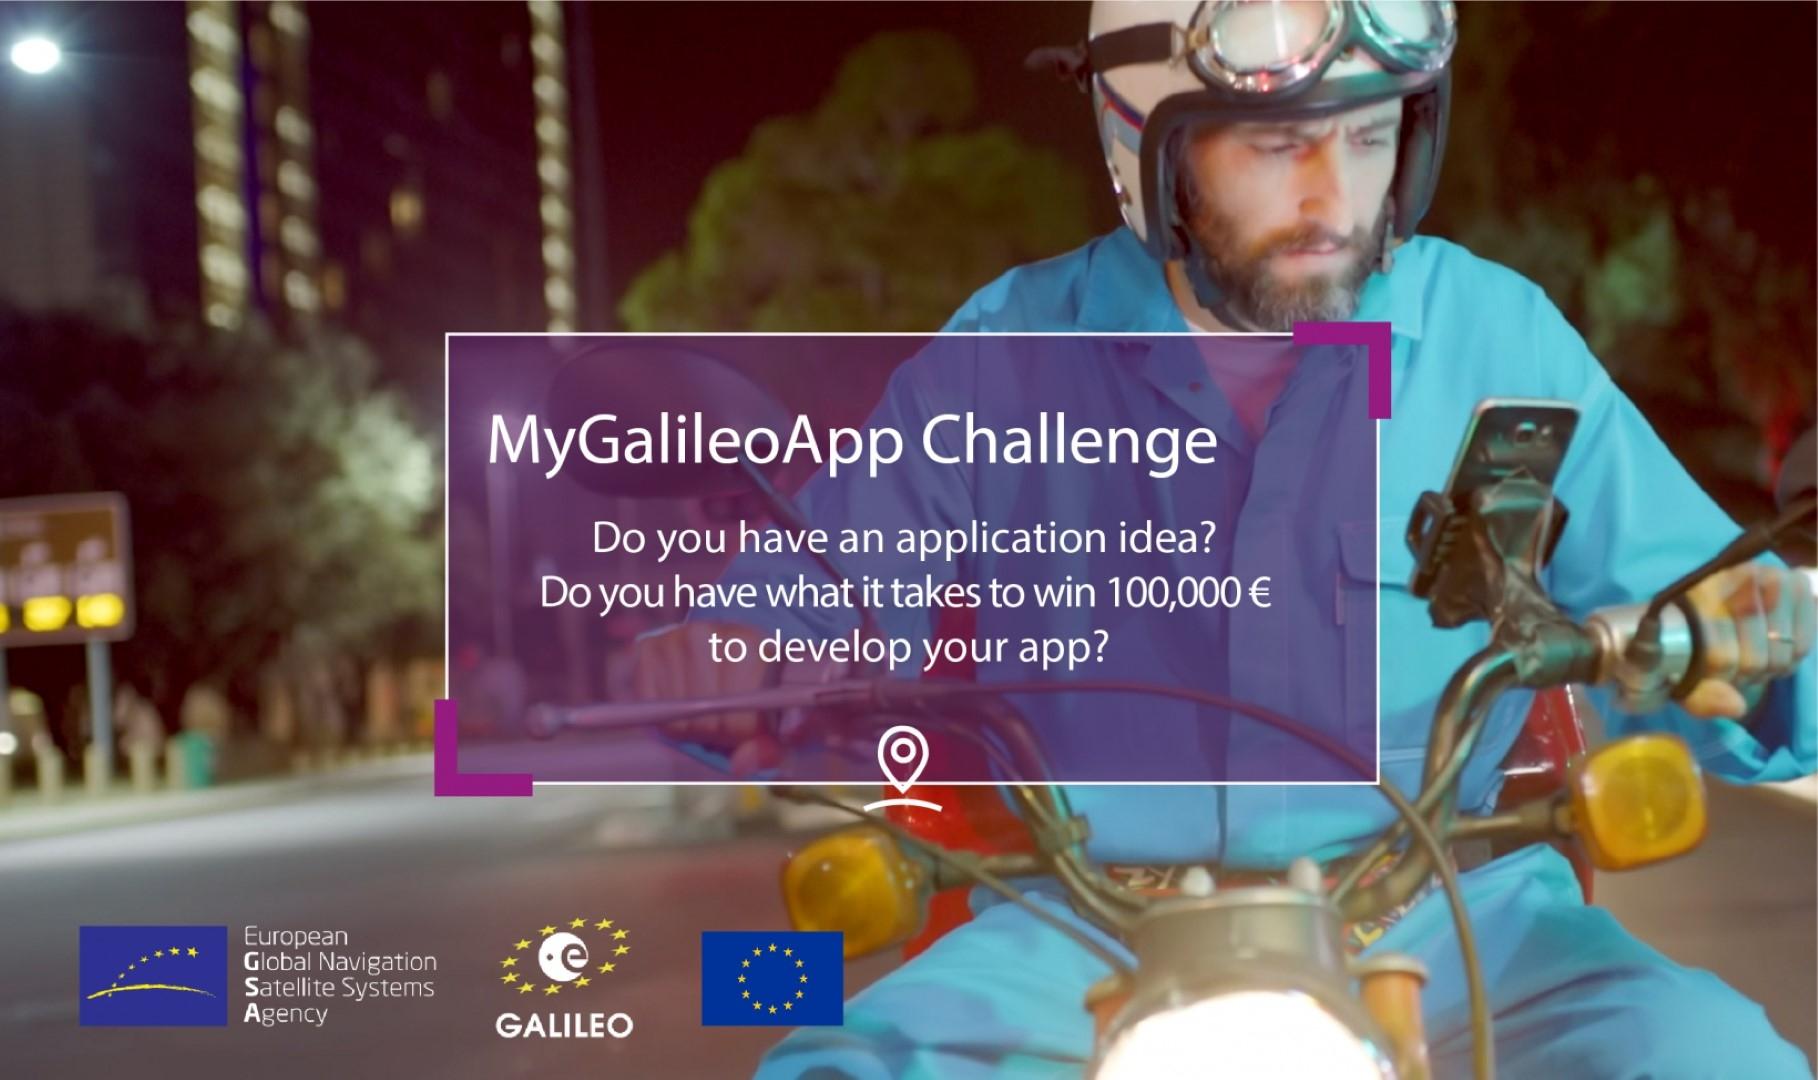 Европейската ГНСС агенция обяви конкурс за мобилно приложение